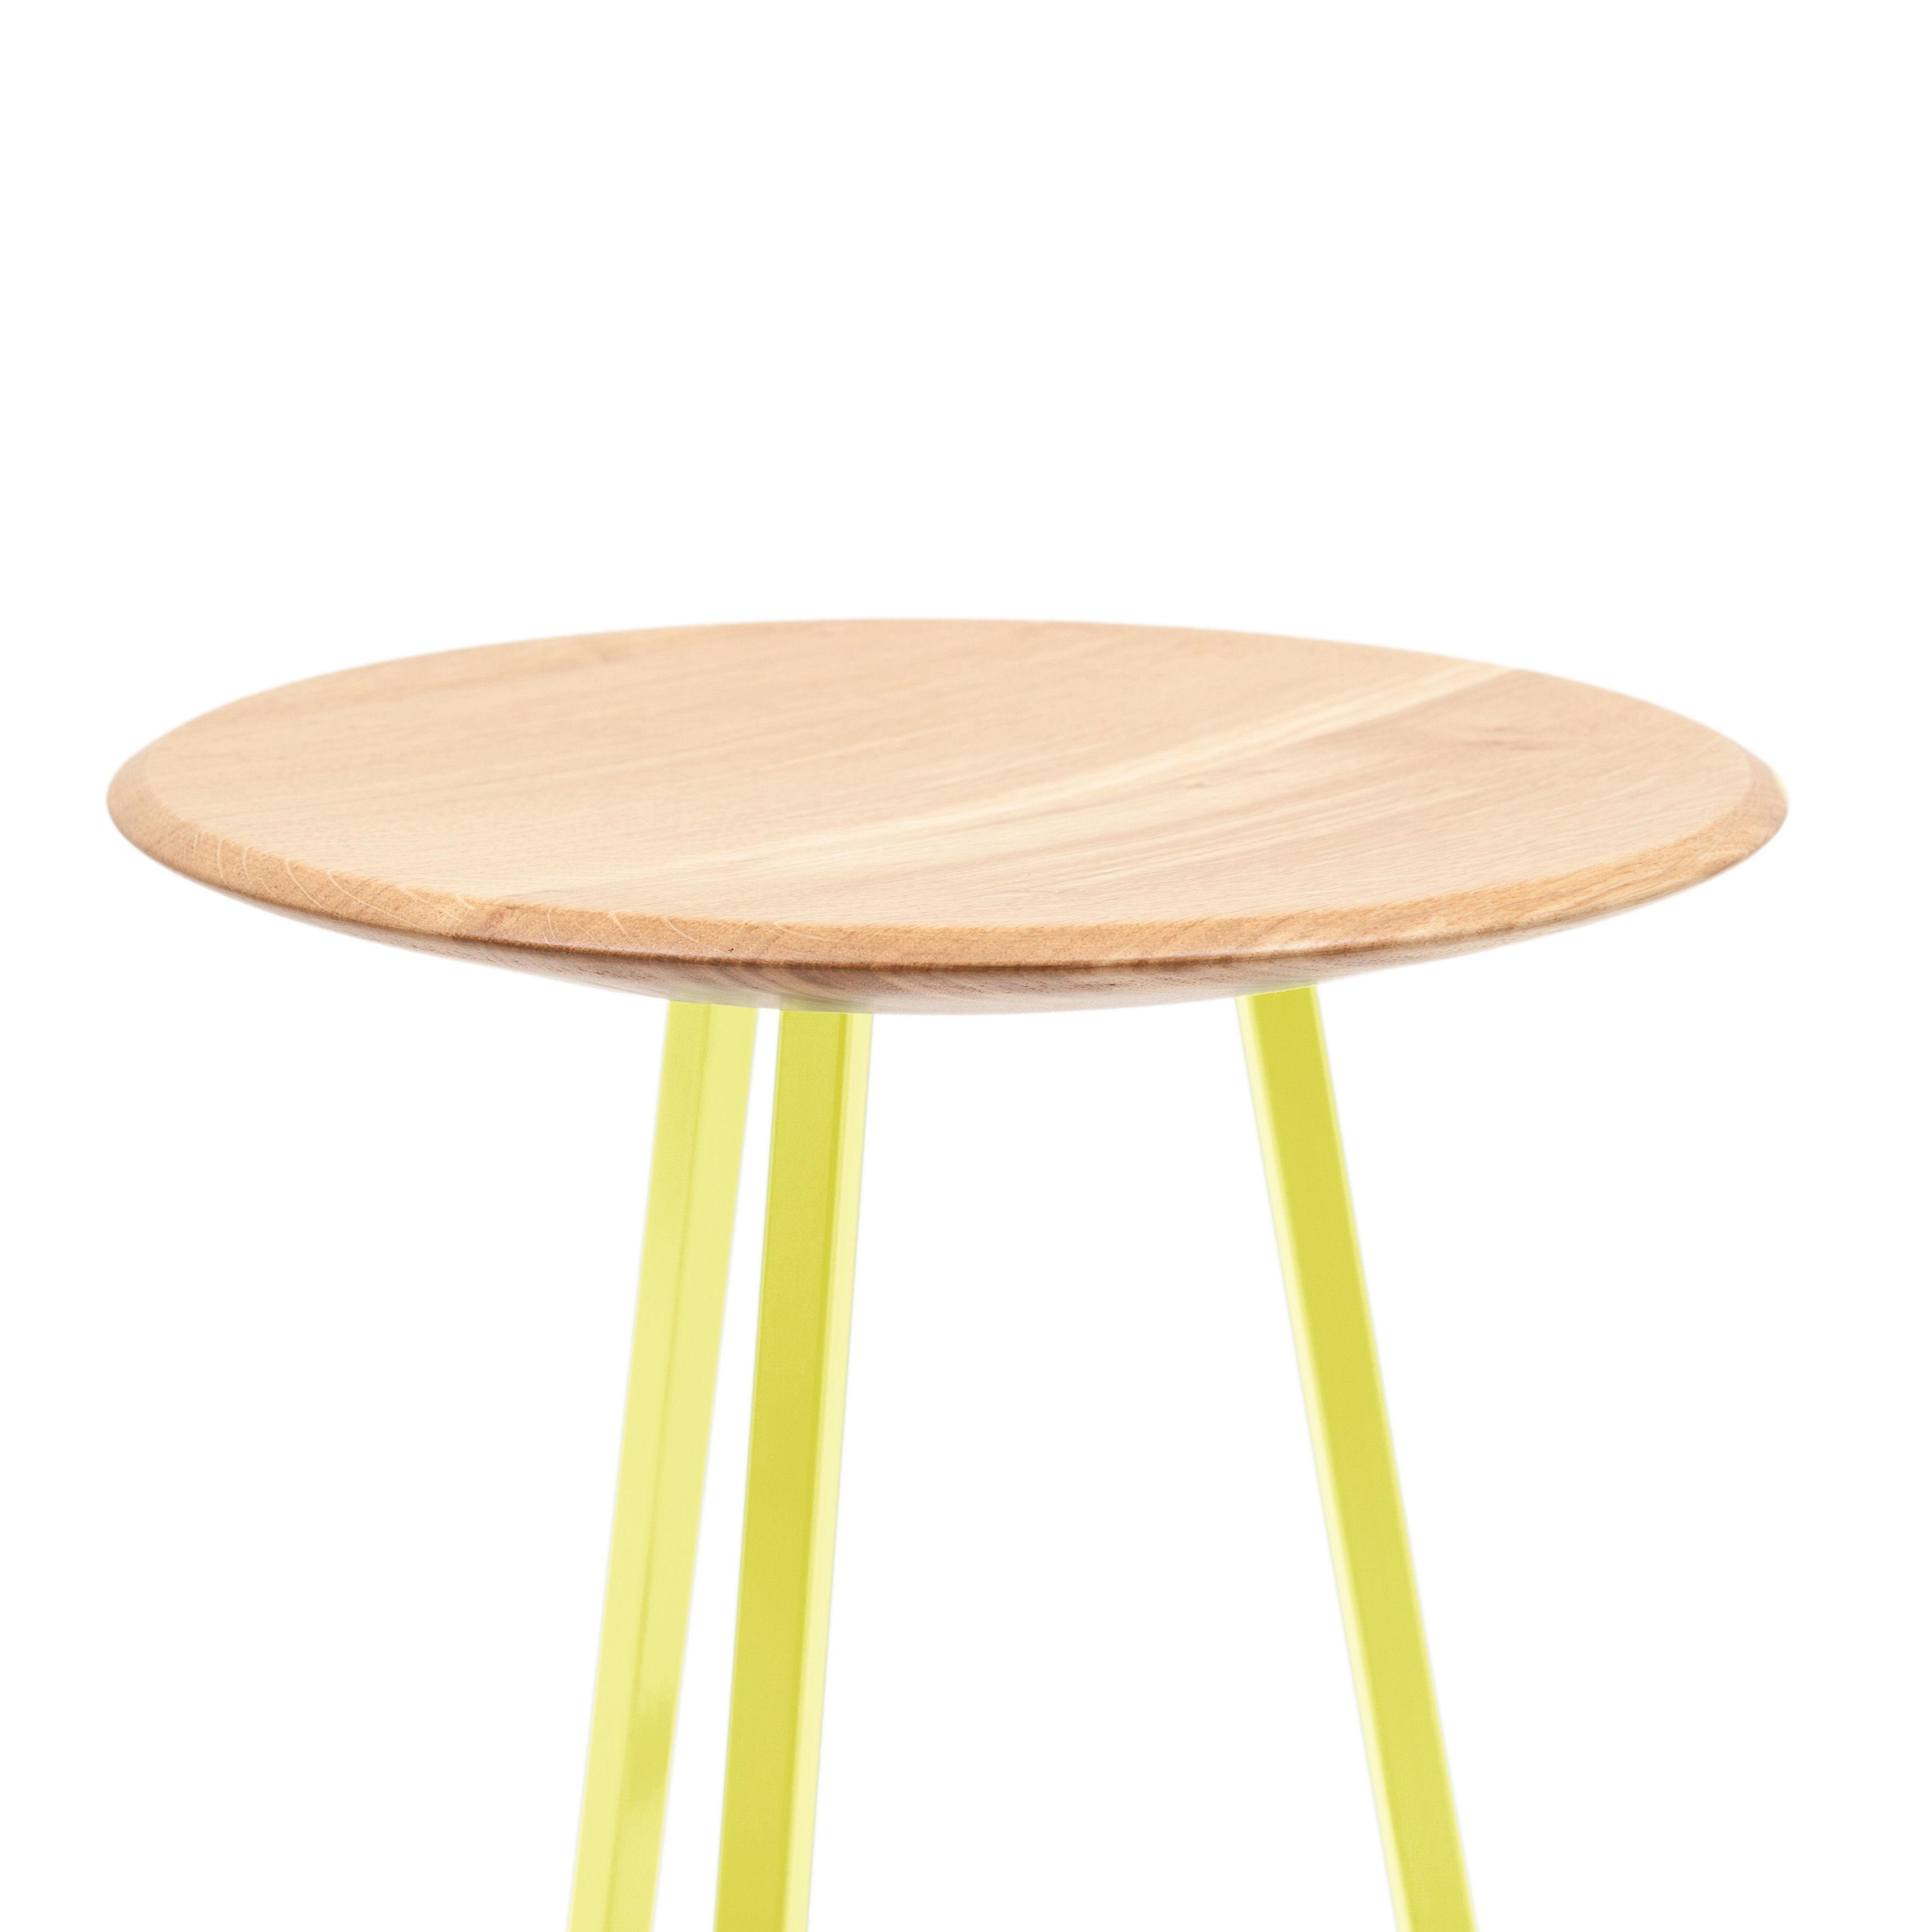 tabouret de bar grand gustave h 77 cm bois m tal jaune citron hart made in design. Black Bedroom Furniture Sets. Home Design Ideas